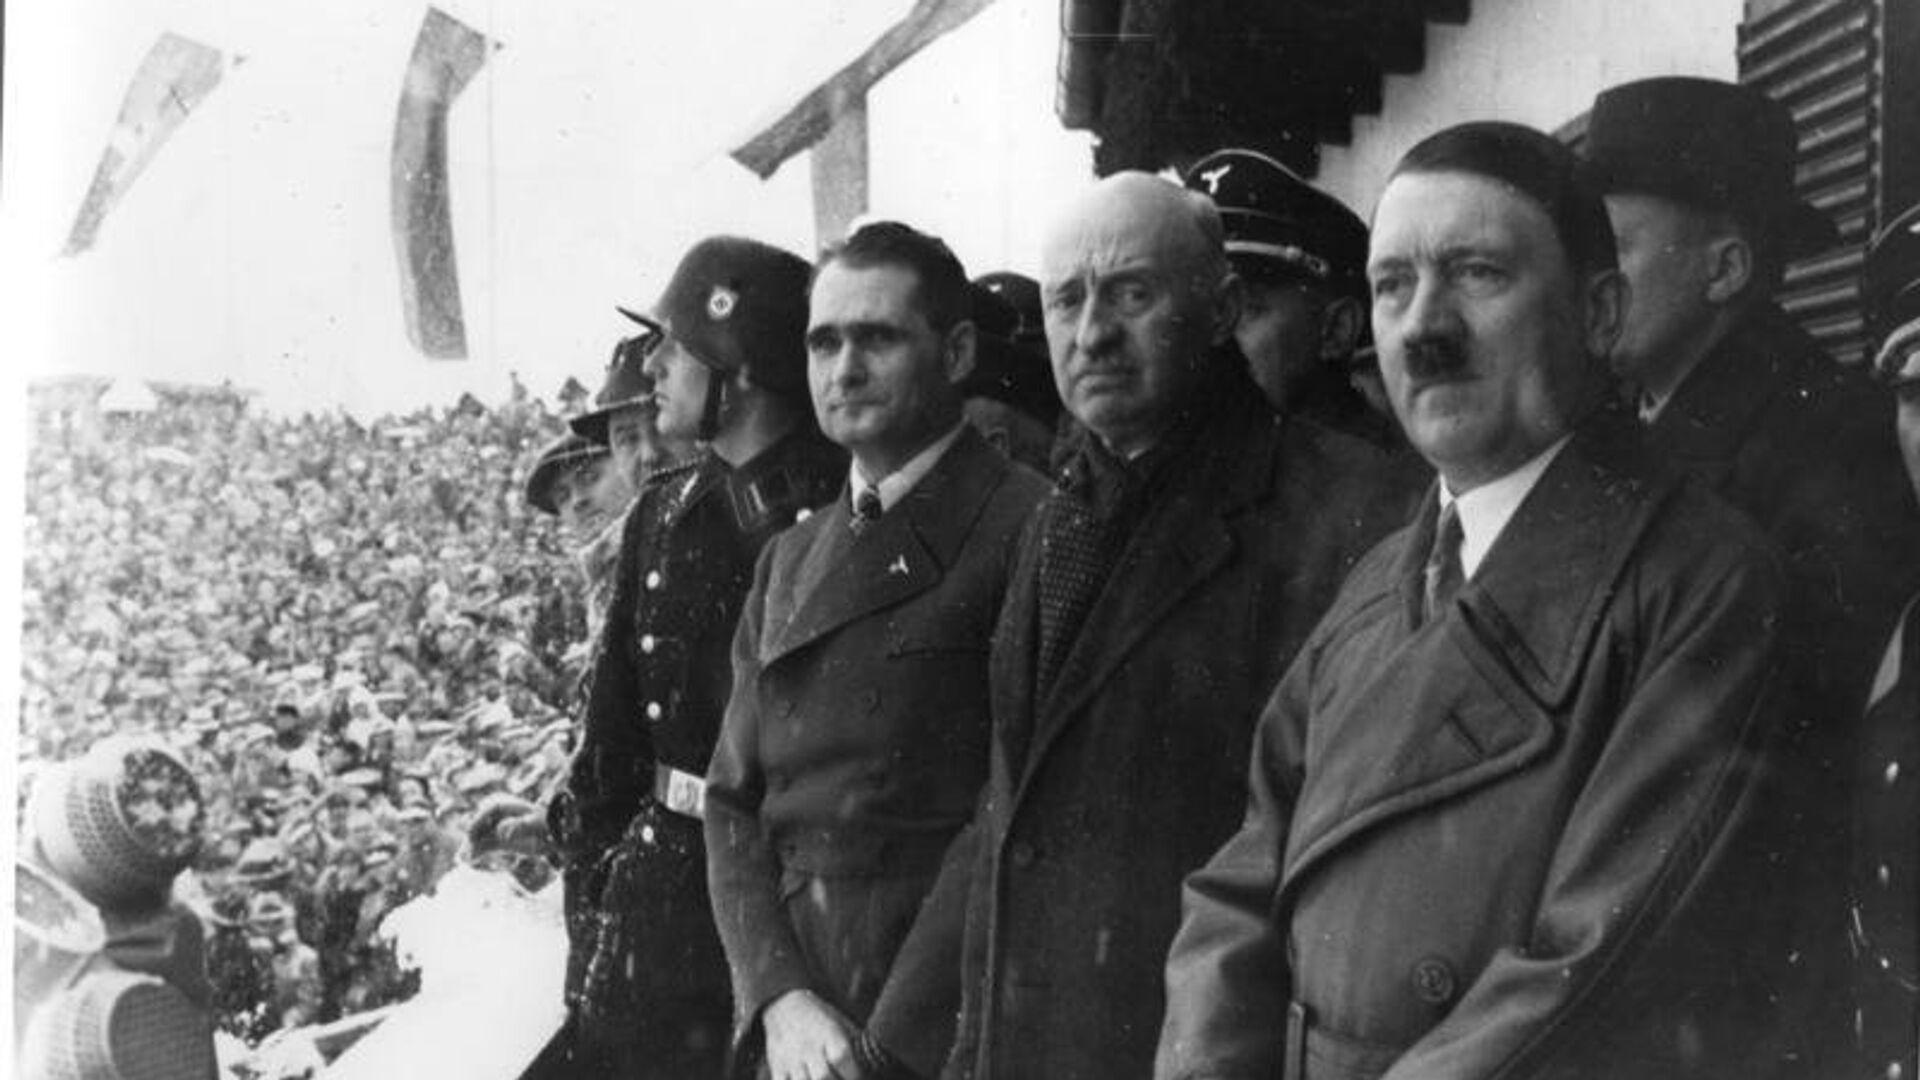 Рудольф Гесс, Анри де Байе-Латур и Адольф Гитлер на церемонии открытия зимних Олимпийских игр 1936 года - РИА Новости, 1920, 22.06.2021